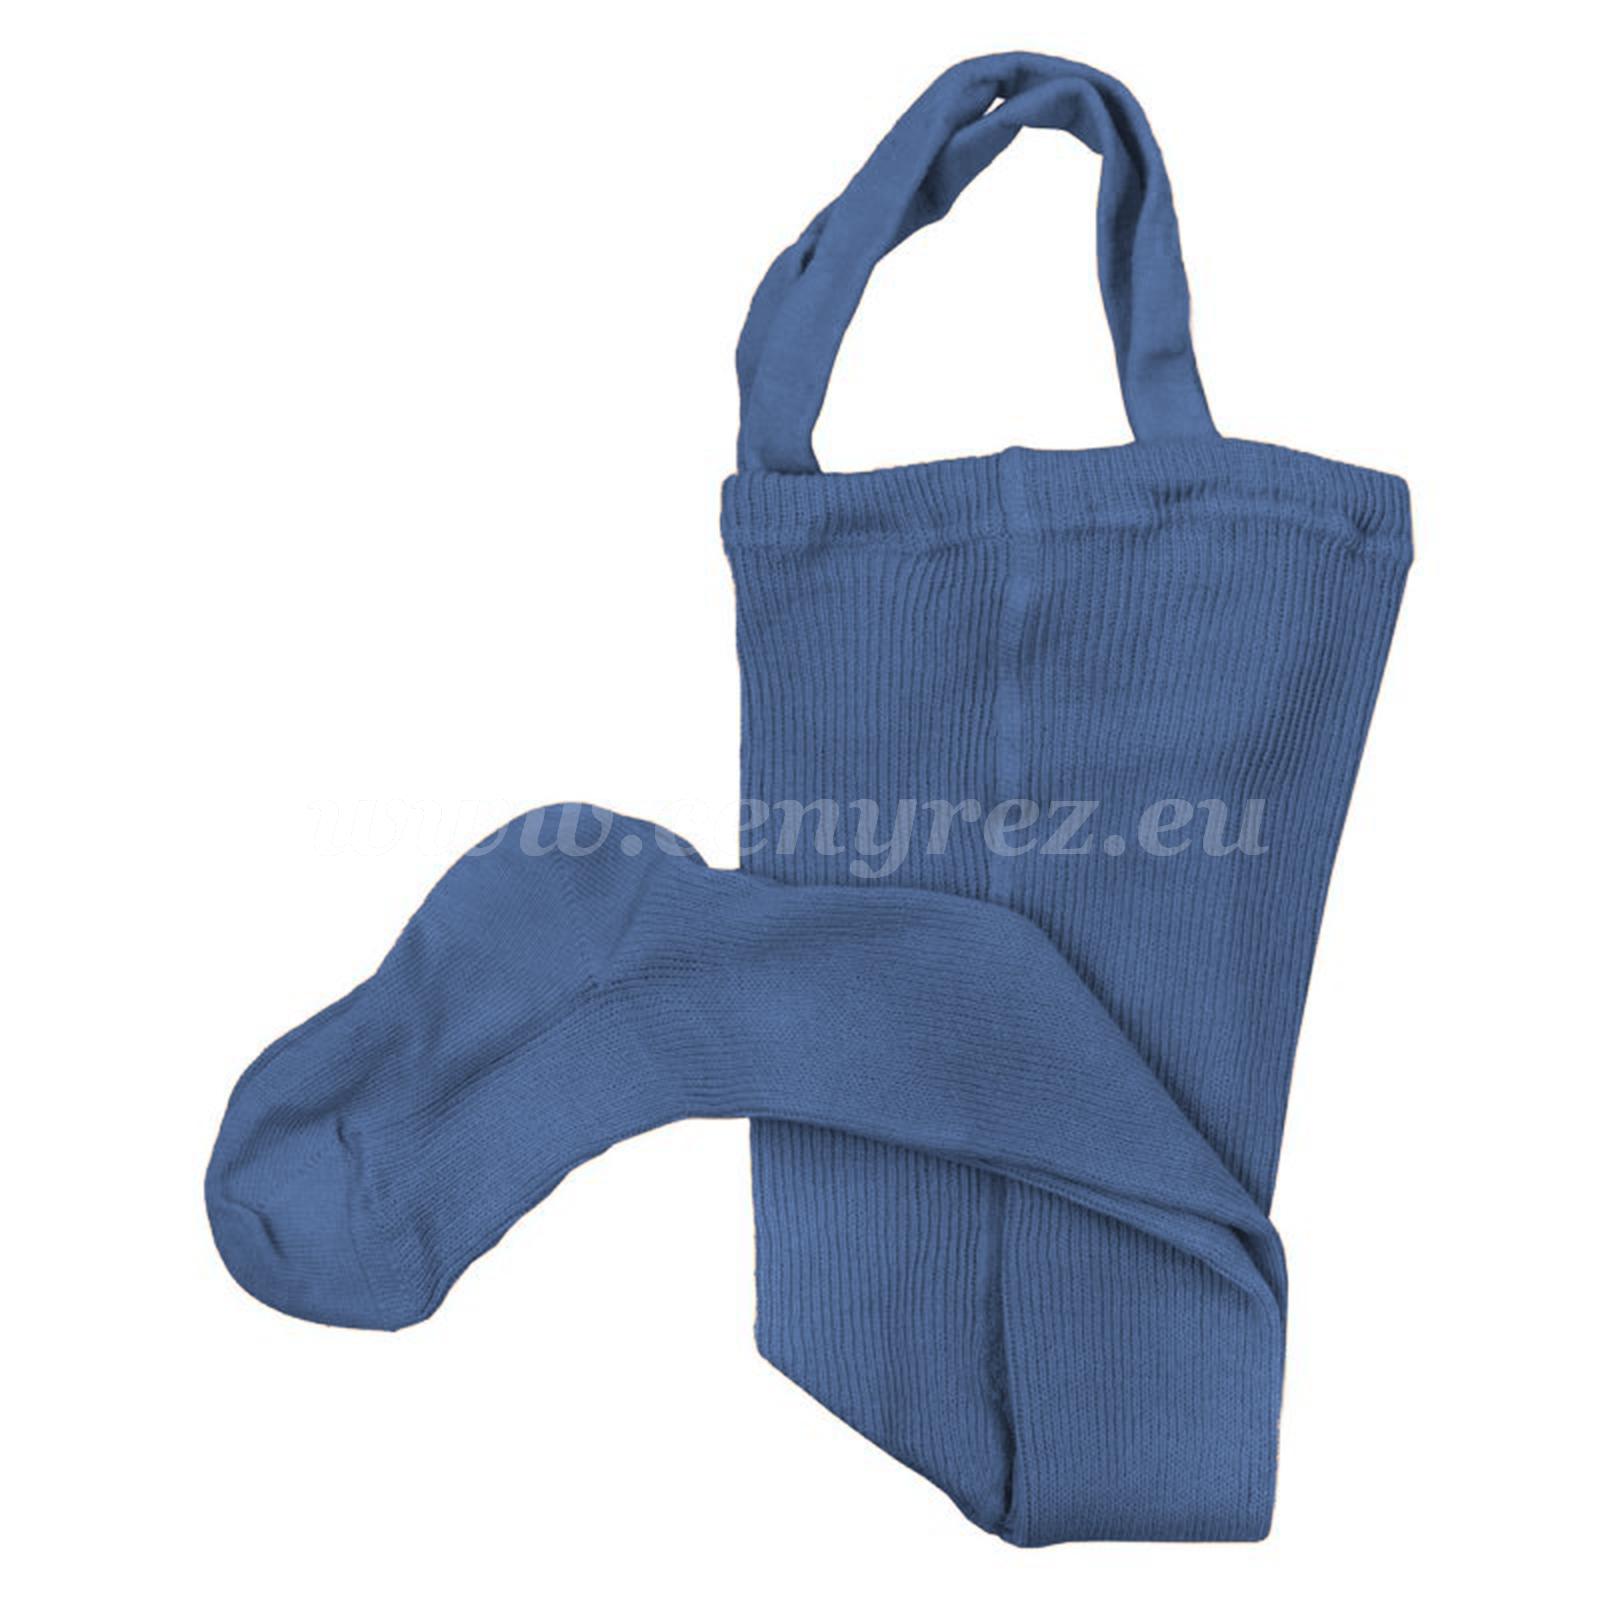 DUCIKA Babystrumpfhosen mit Trägern - blau